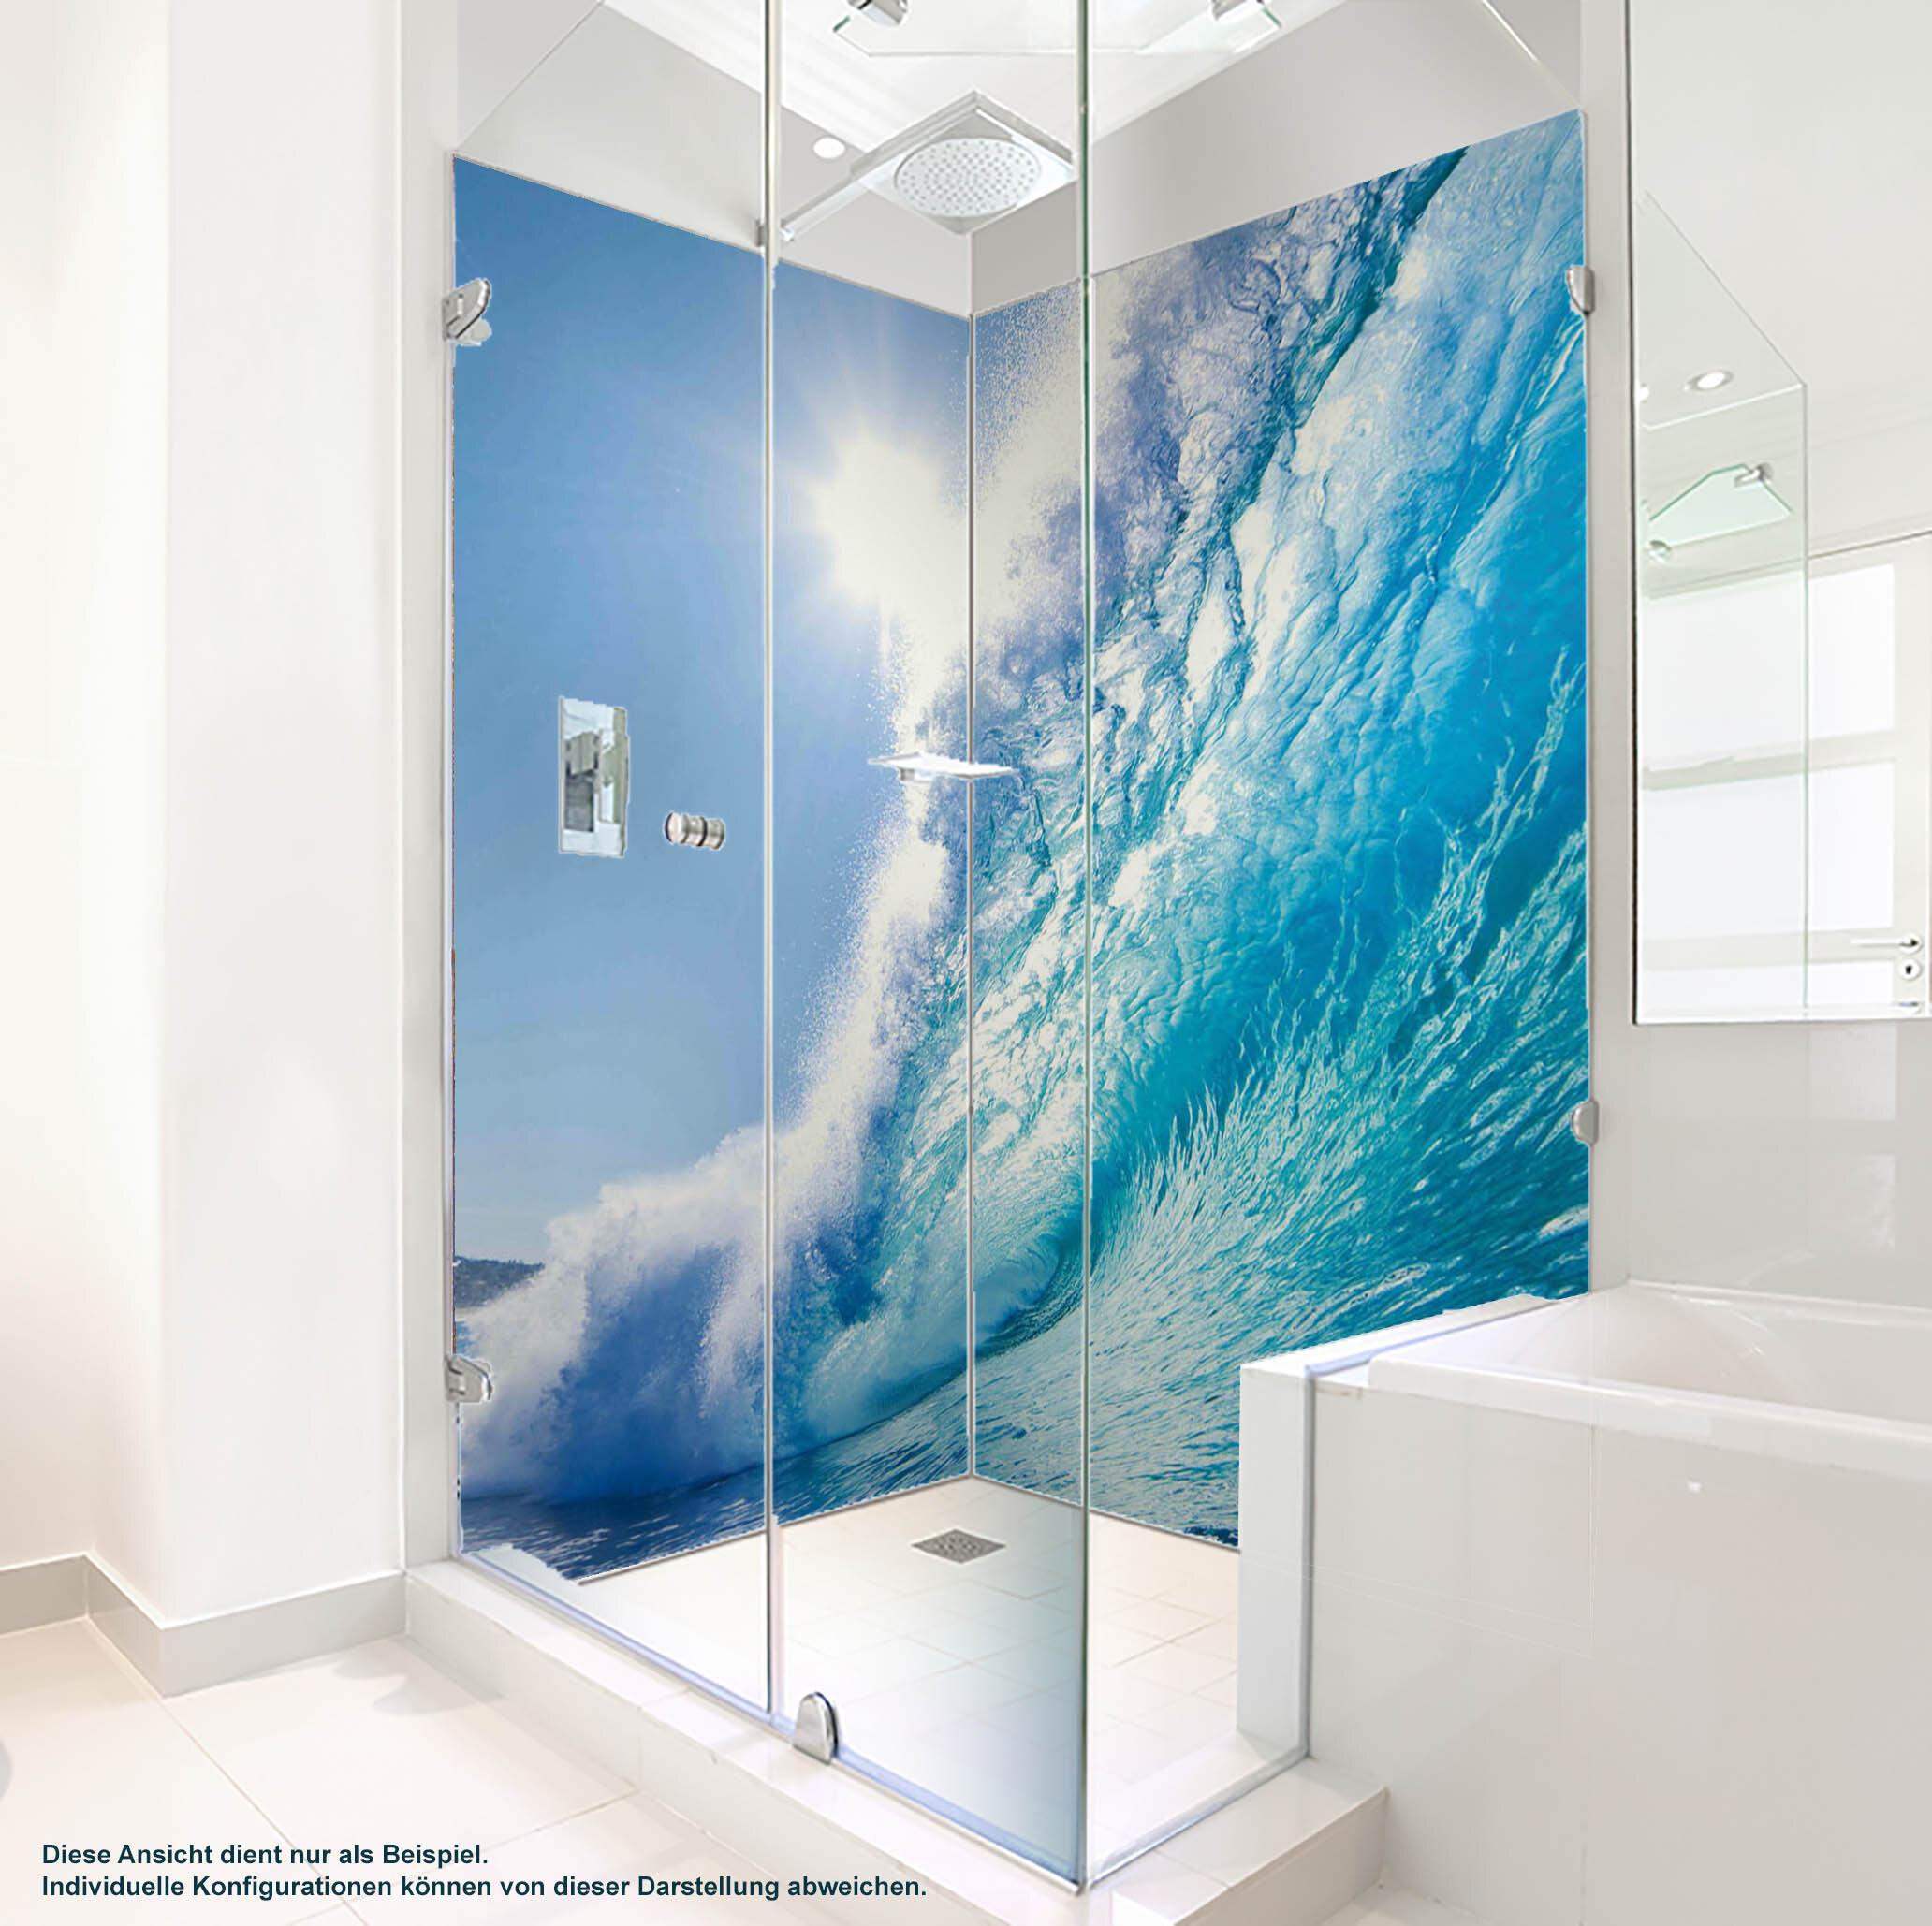 Dusche PlateART Duschrückwand mit Motiv Welle